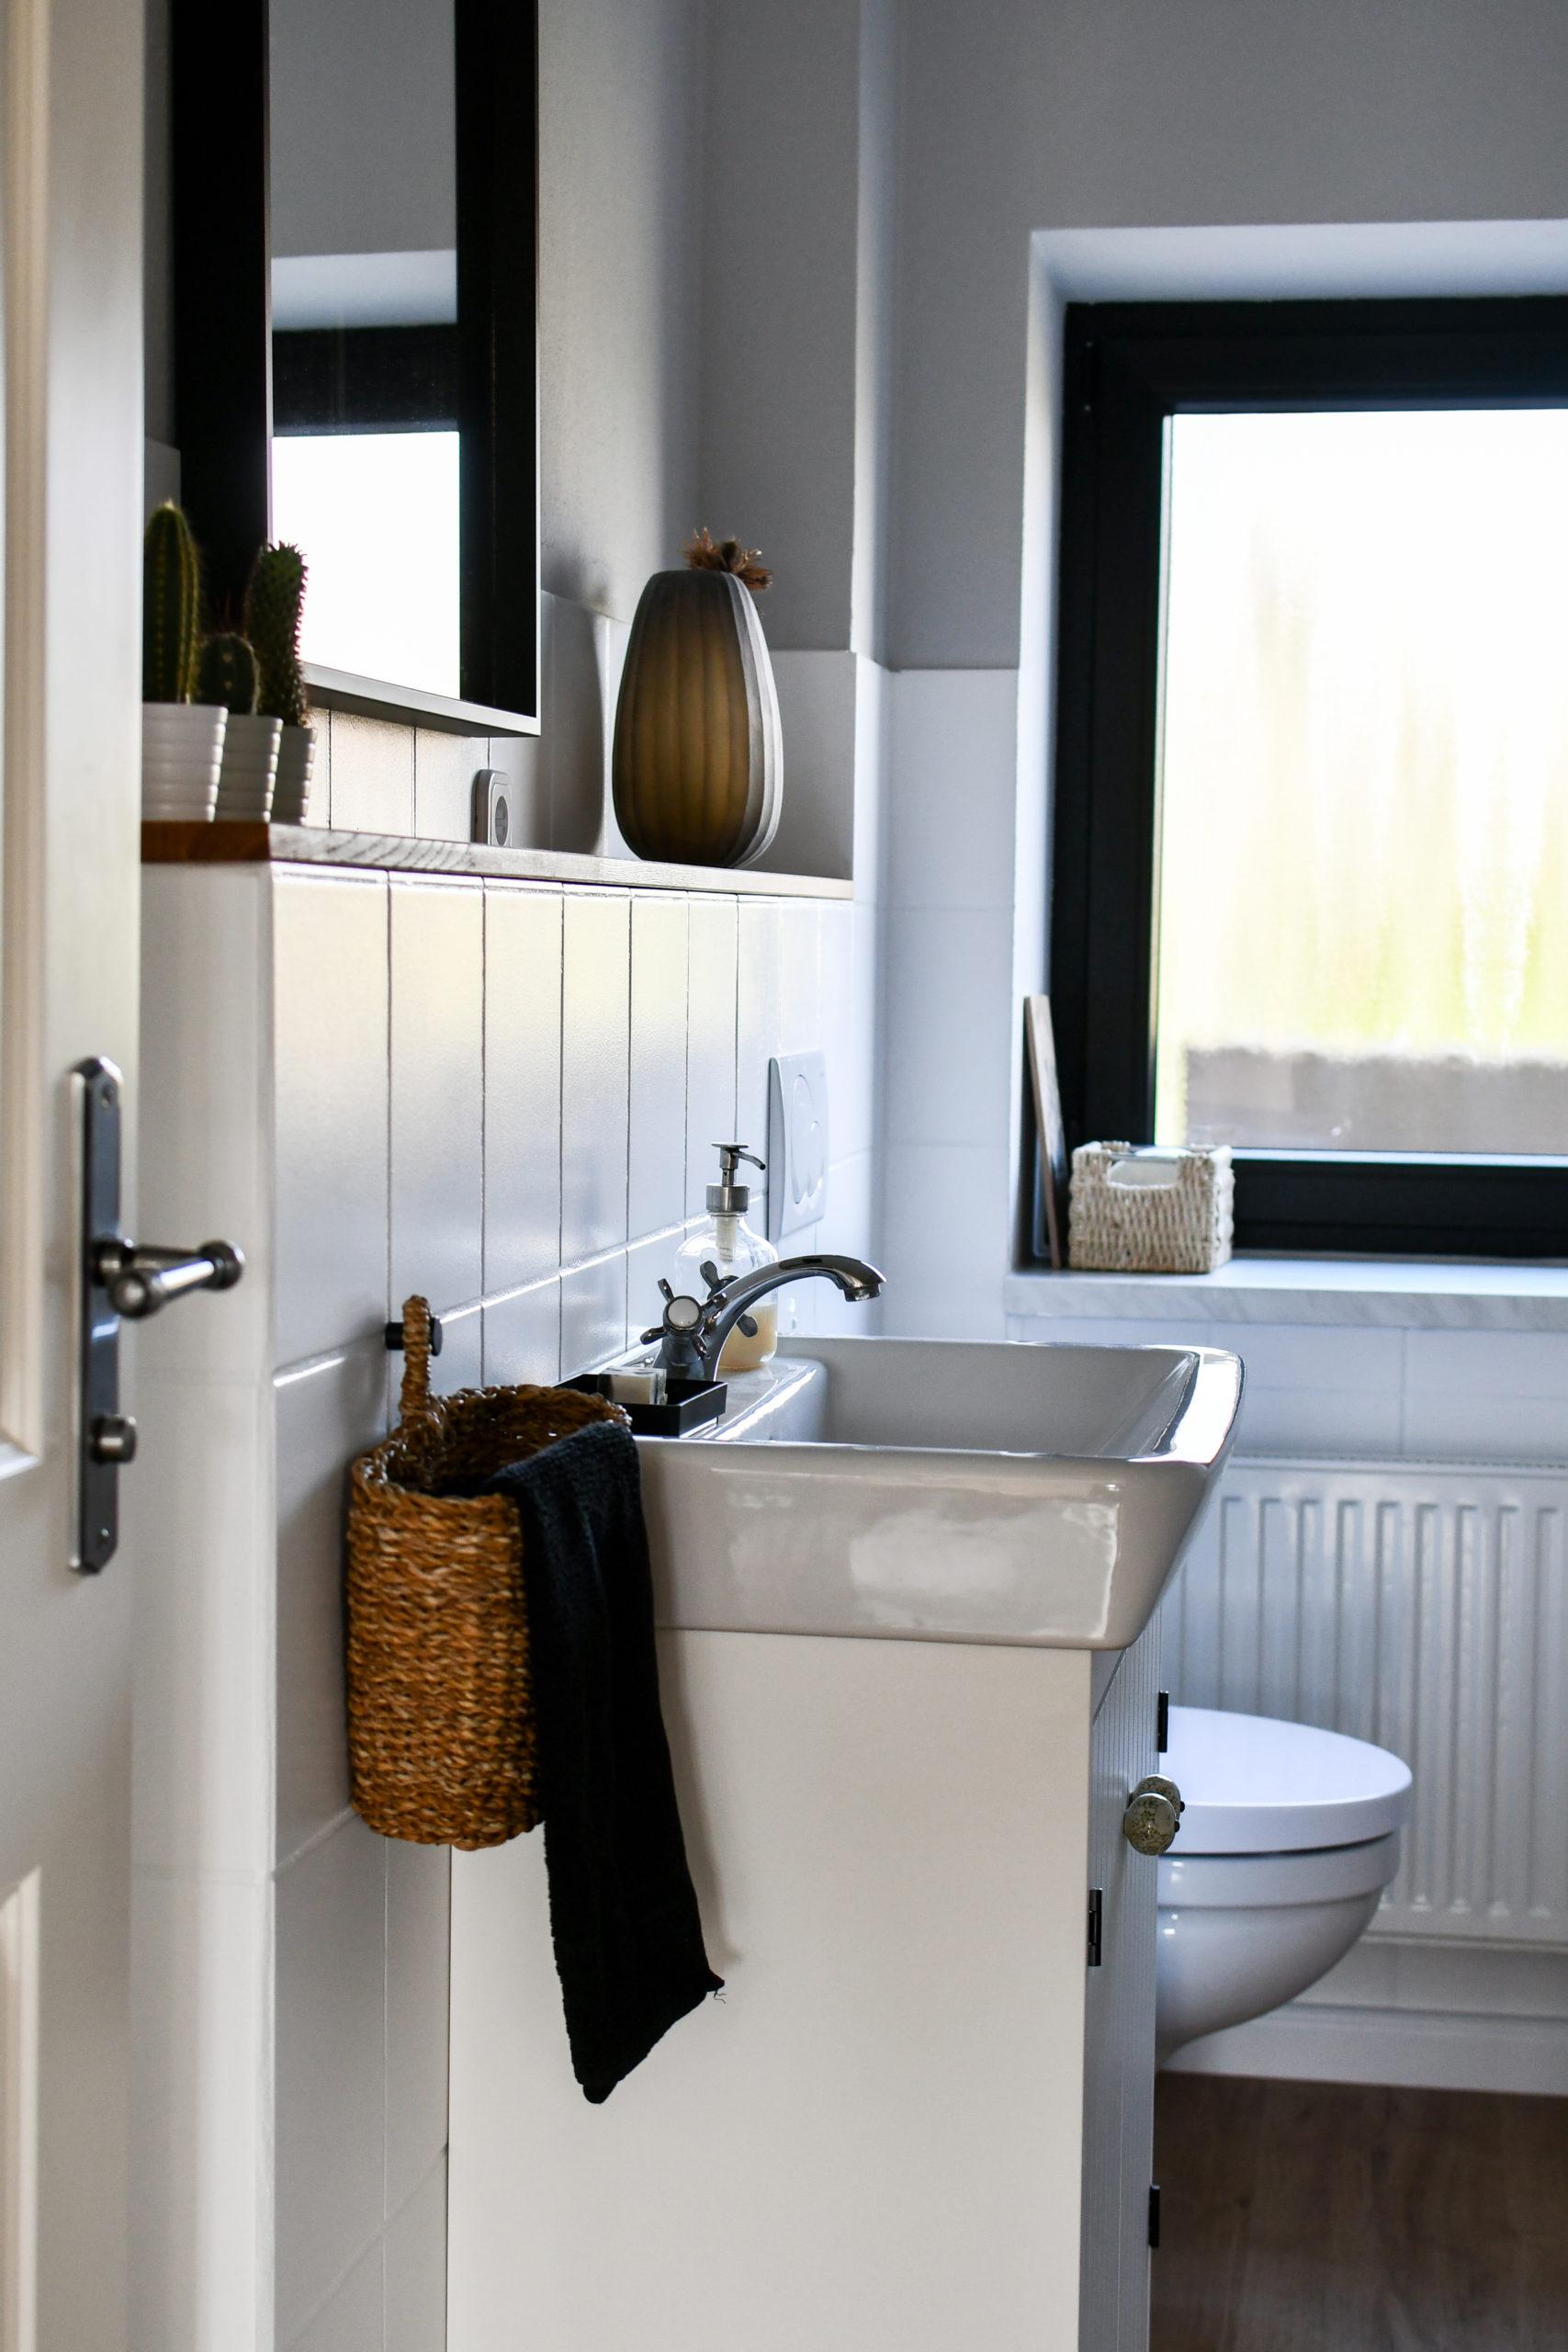 WC renovieren - Fliesen streichen